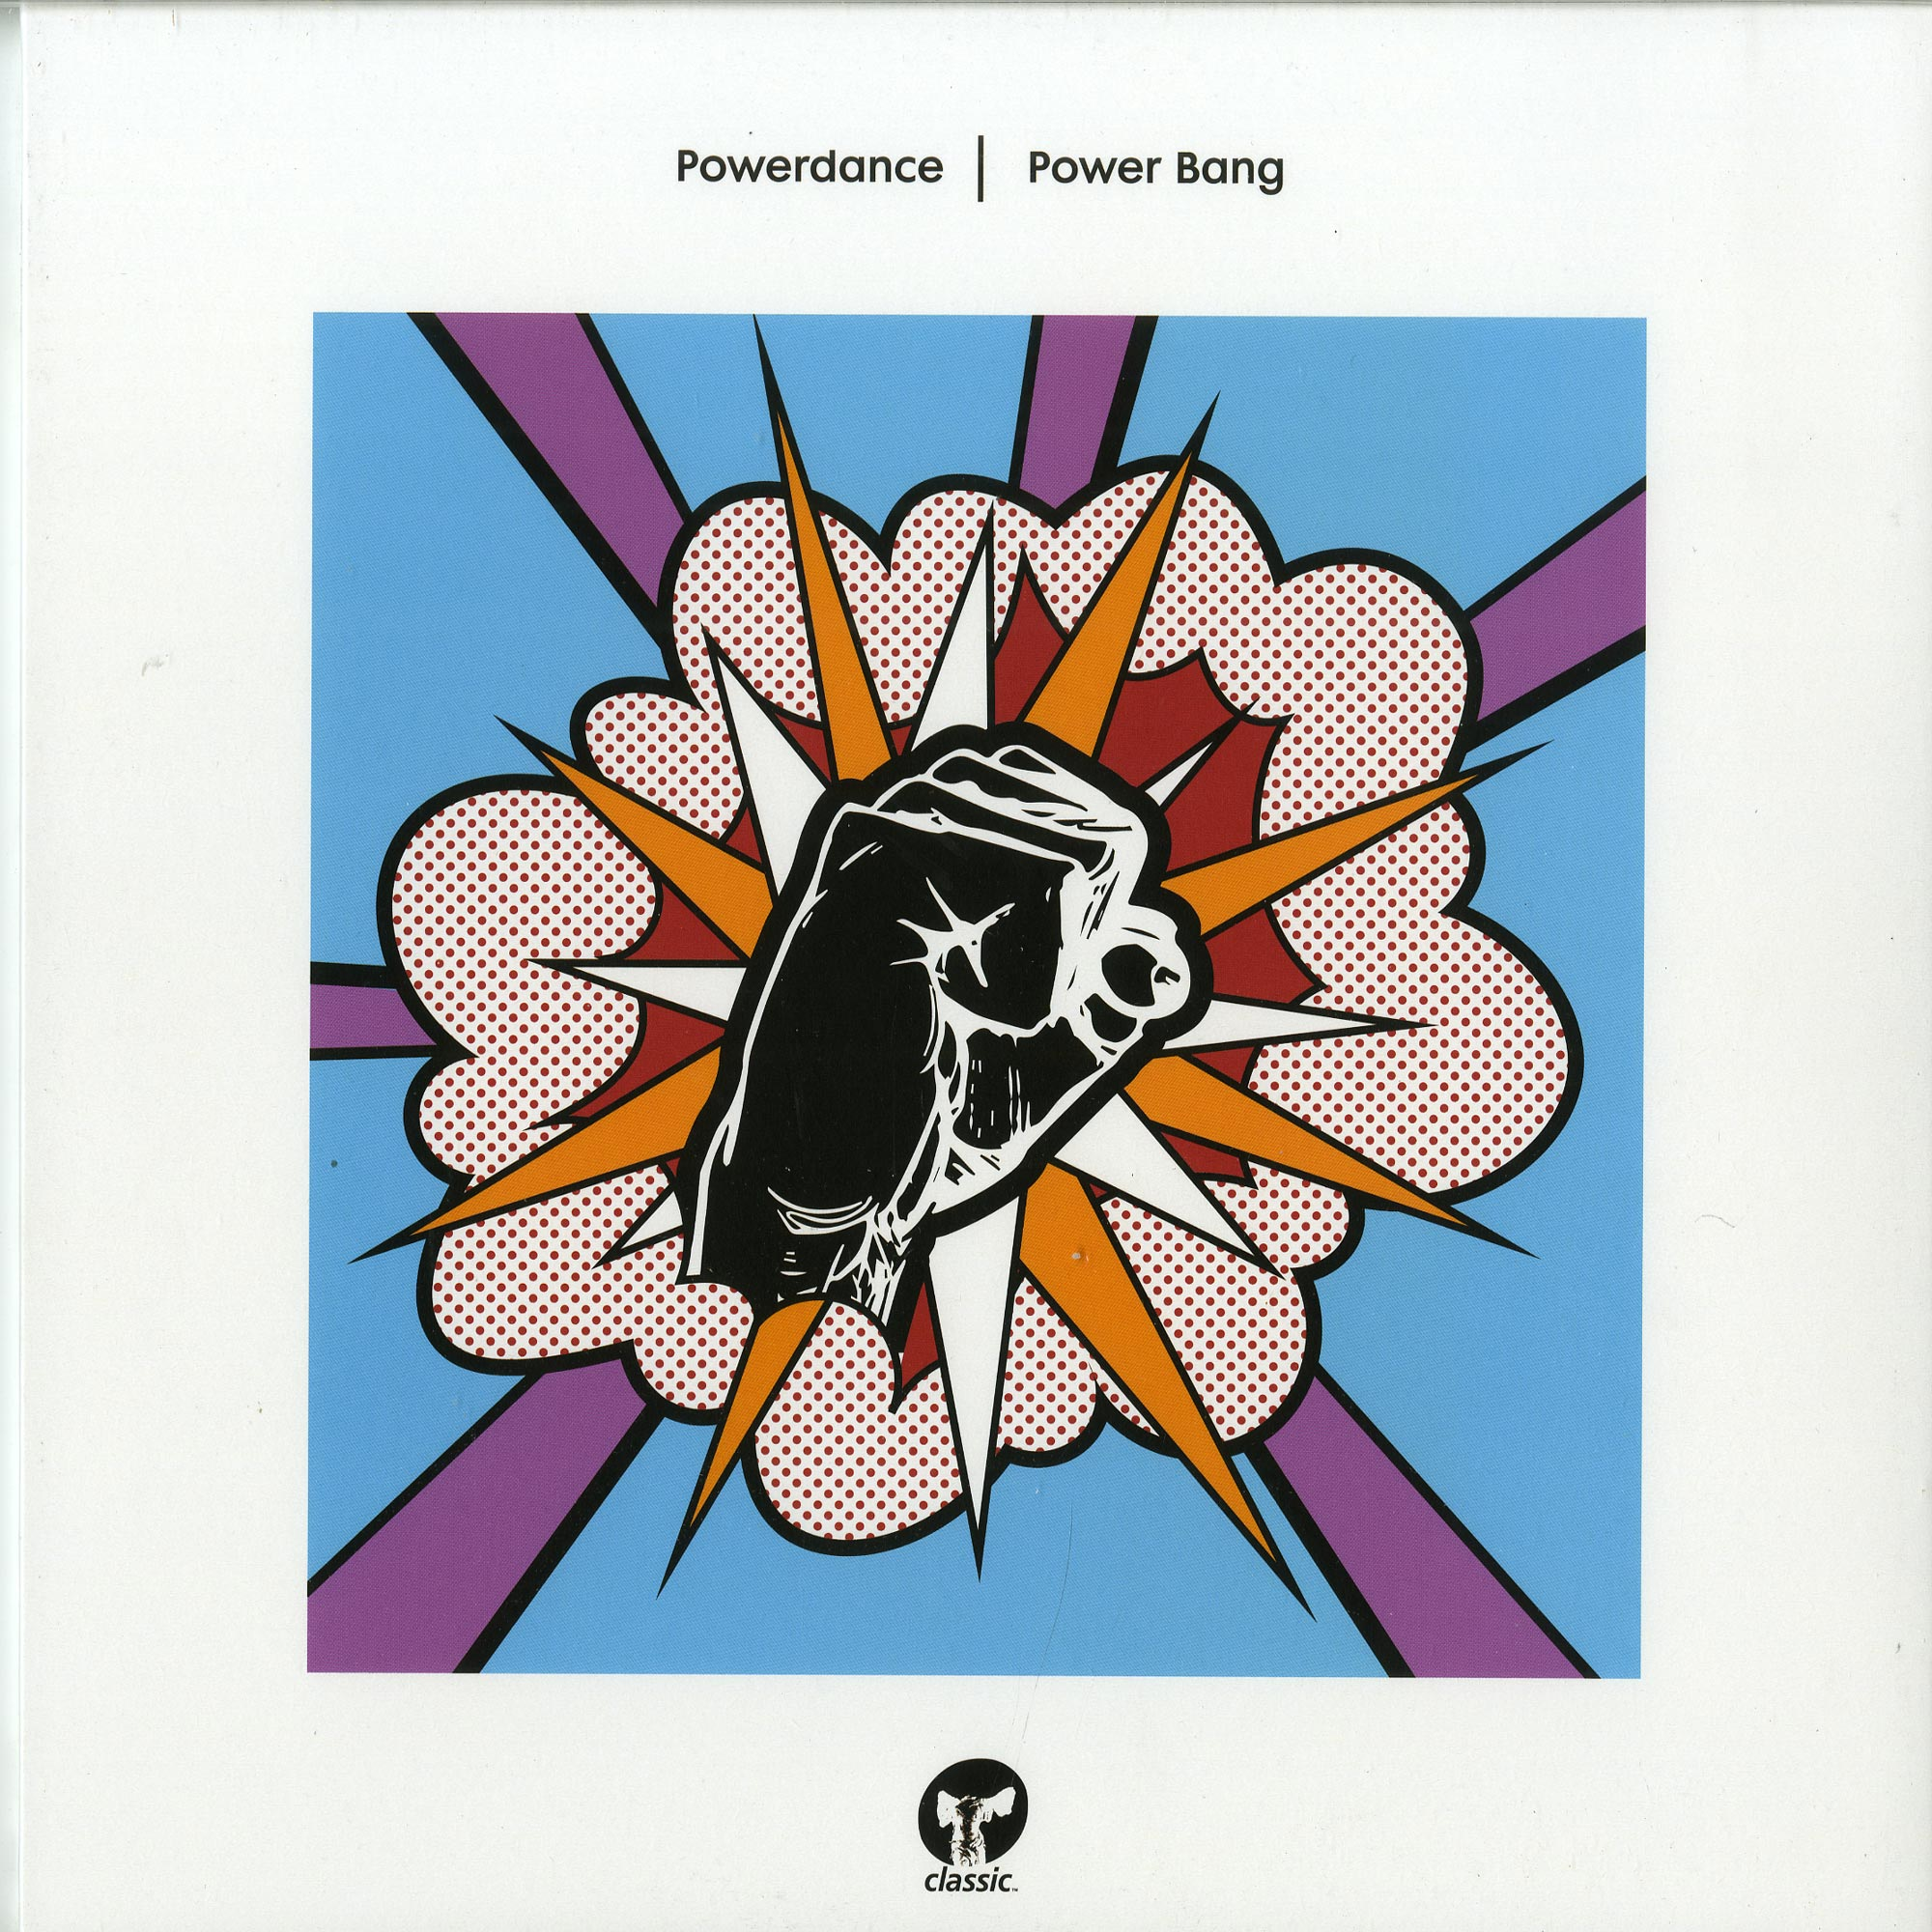 Powerdance - POWER BANG